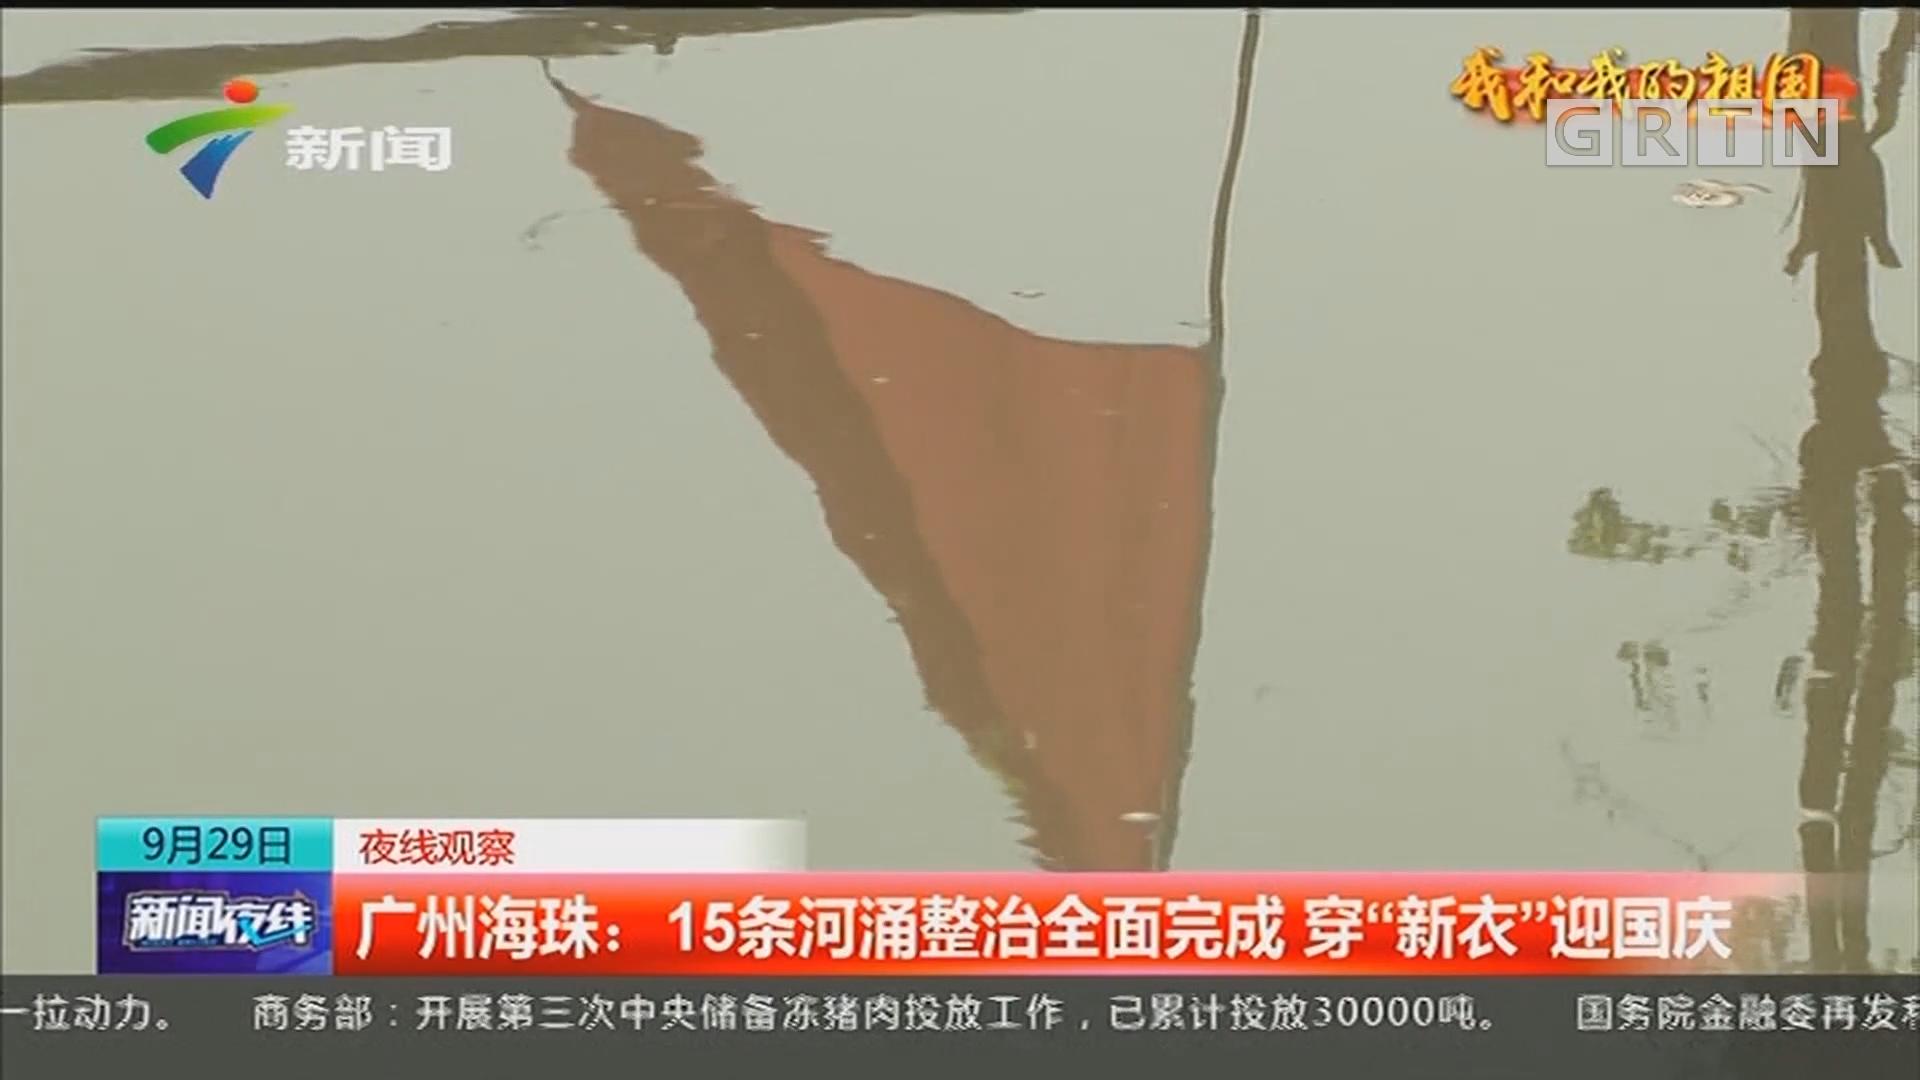 """广州海珠:15条河涌整治全面完成 穿""""新衣""""迎国庆"""